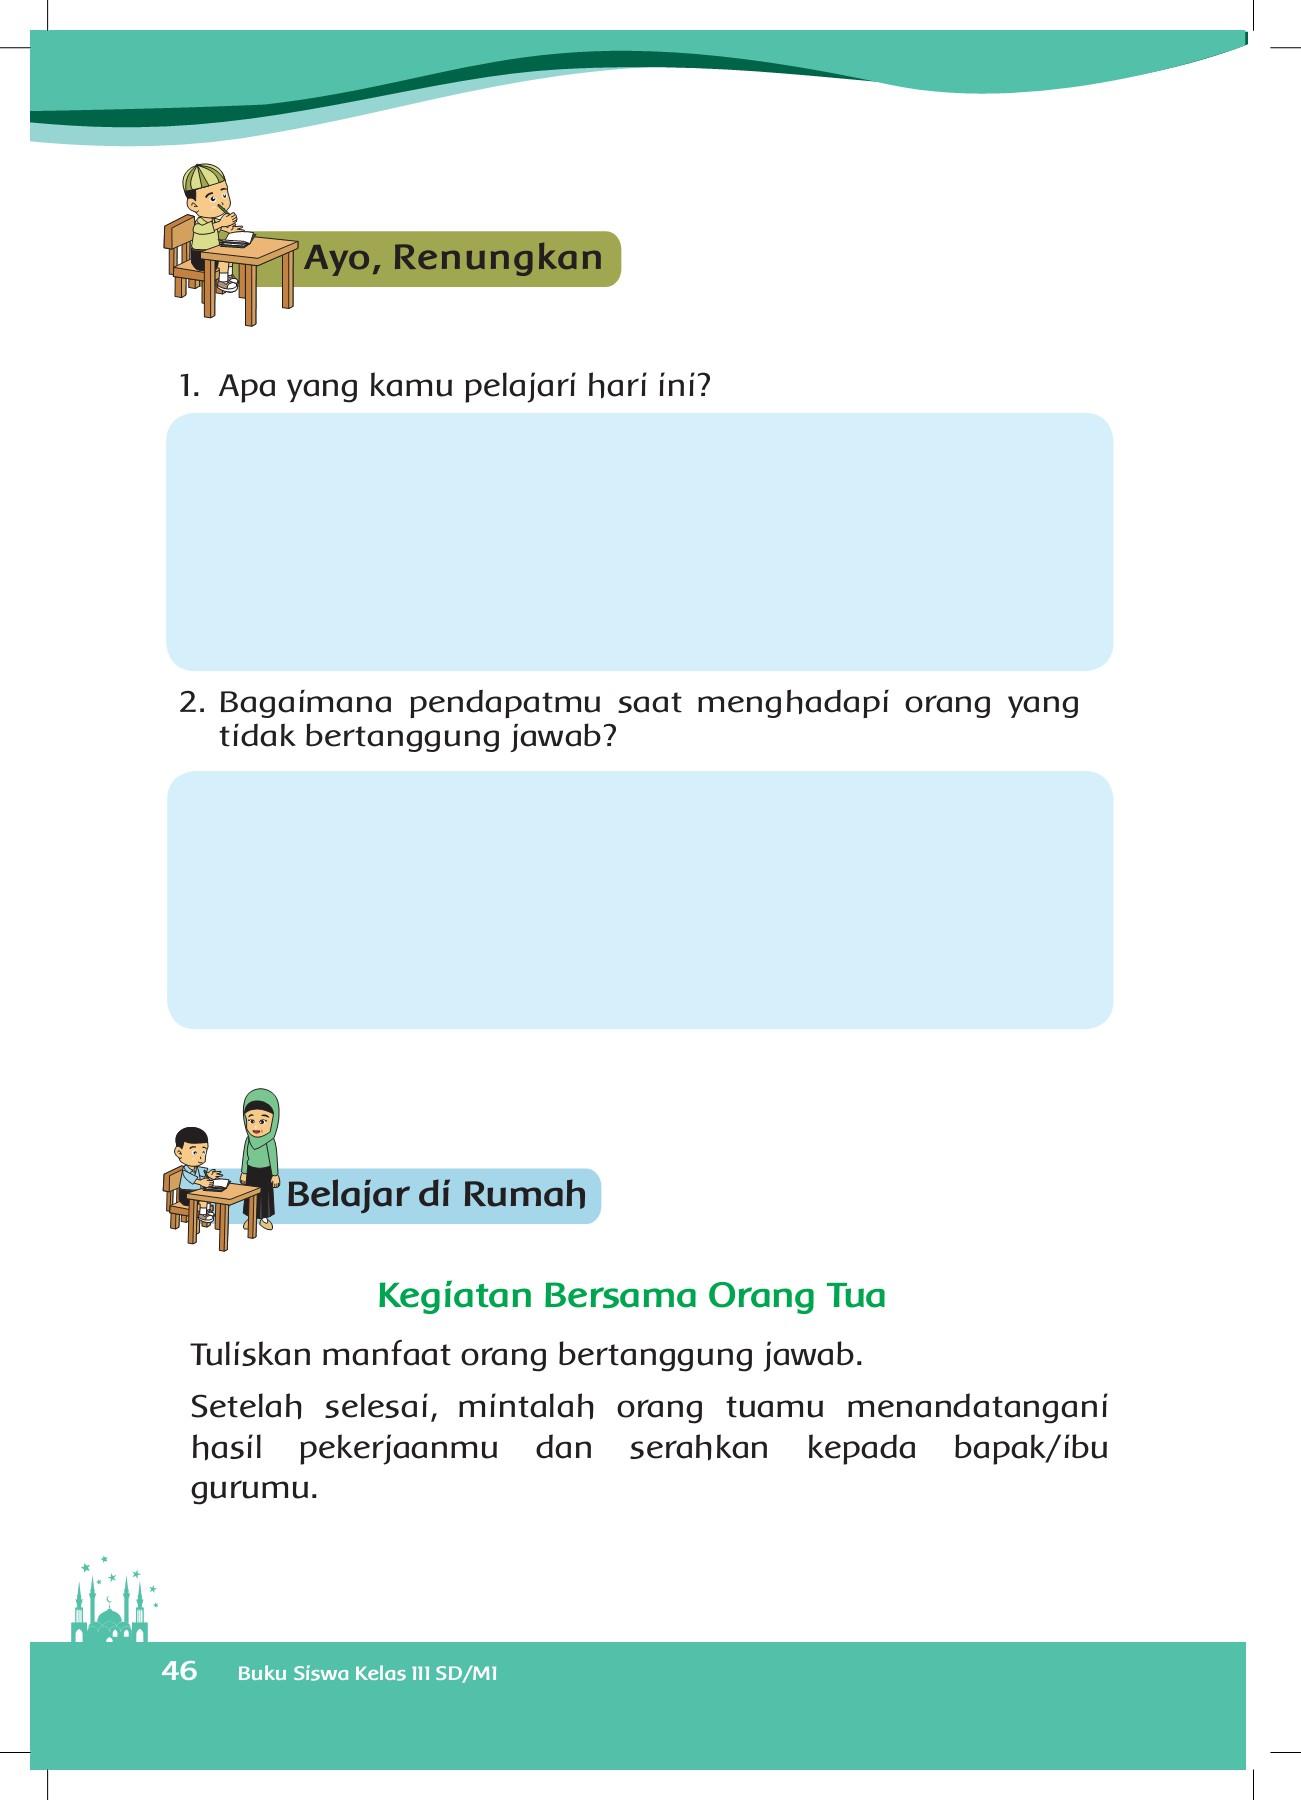 Pendidikan agama islam dan budi pekerti Buku Kelas 3 Pai Dan Budi Pekertik Pages 51 100 Flip Pdf Download Fliphtml5